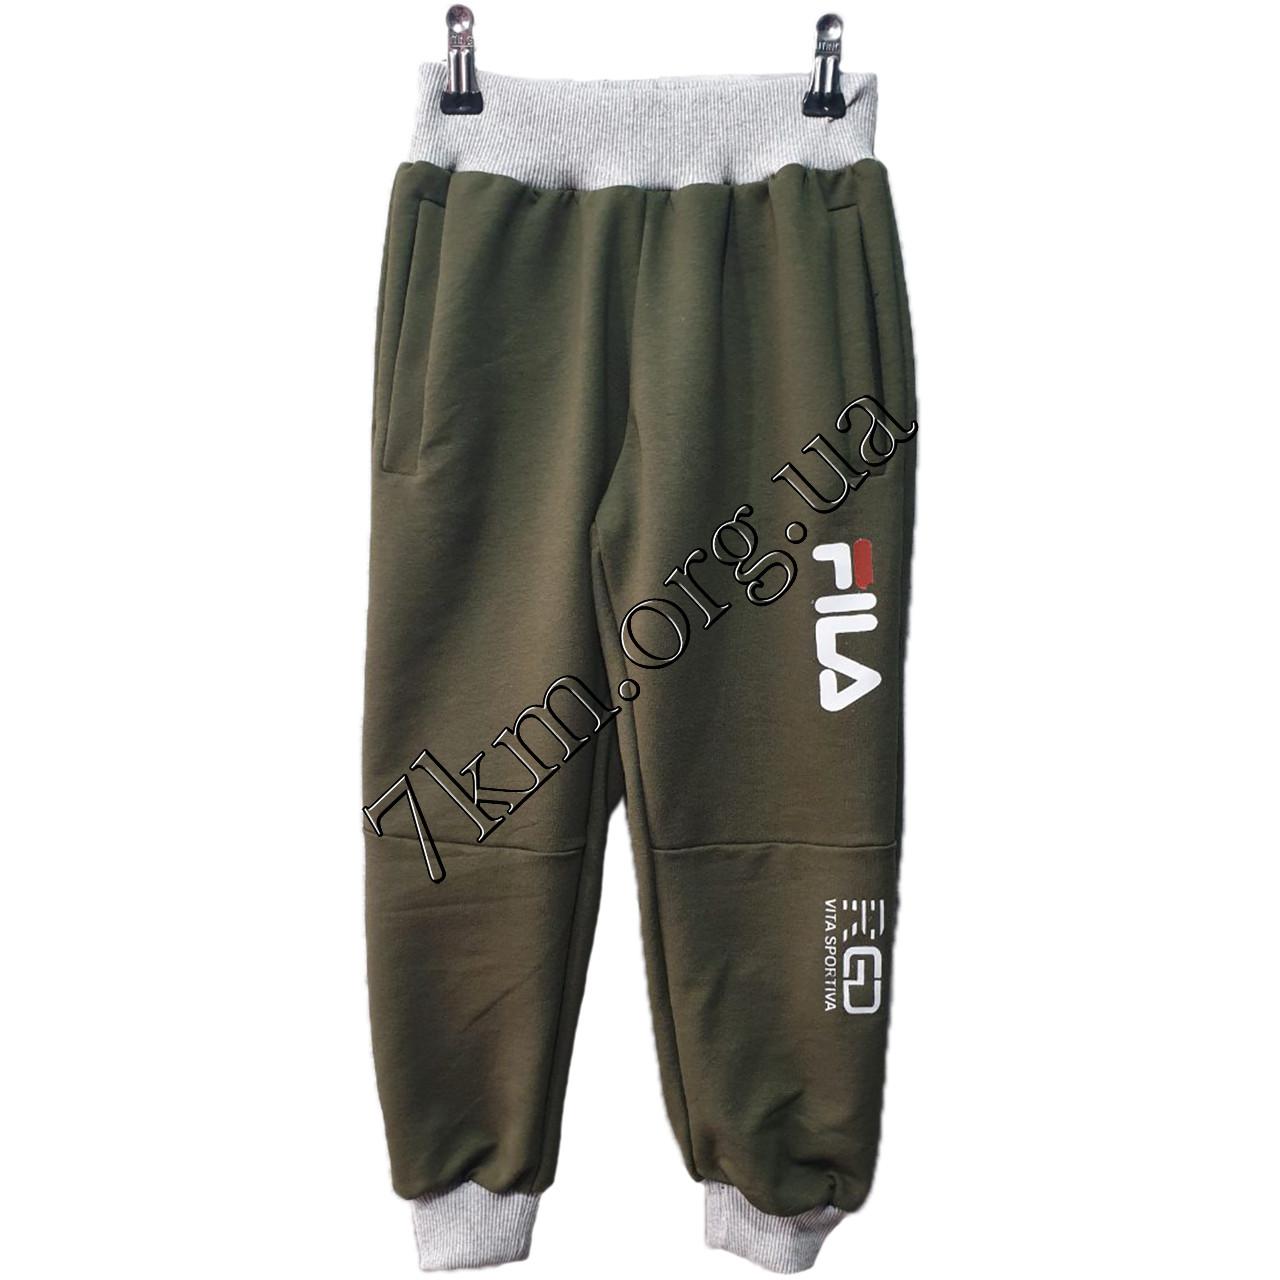 Спортивные штаны для мальчиков 2-6 лет Оптом 140700